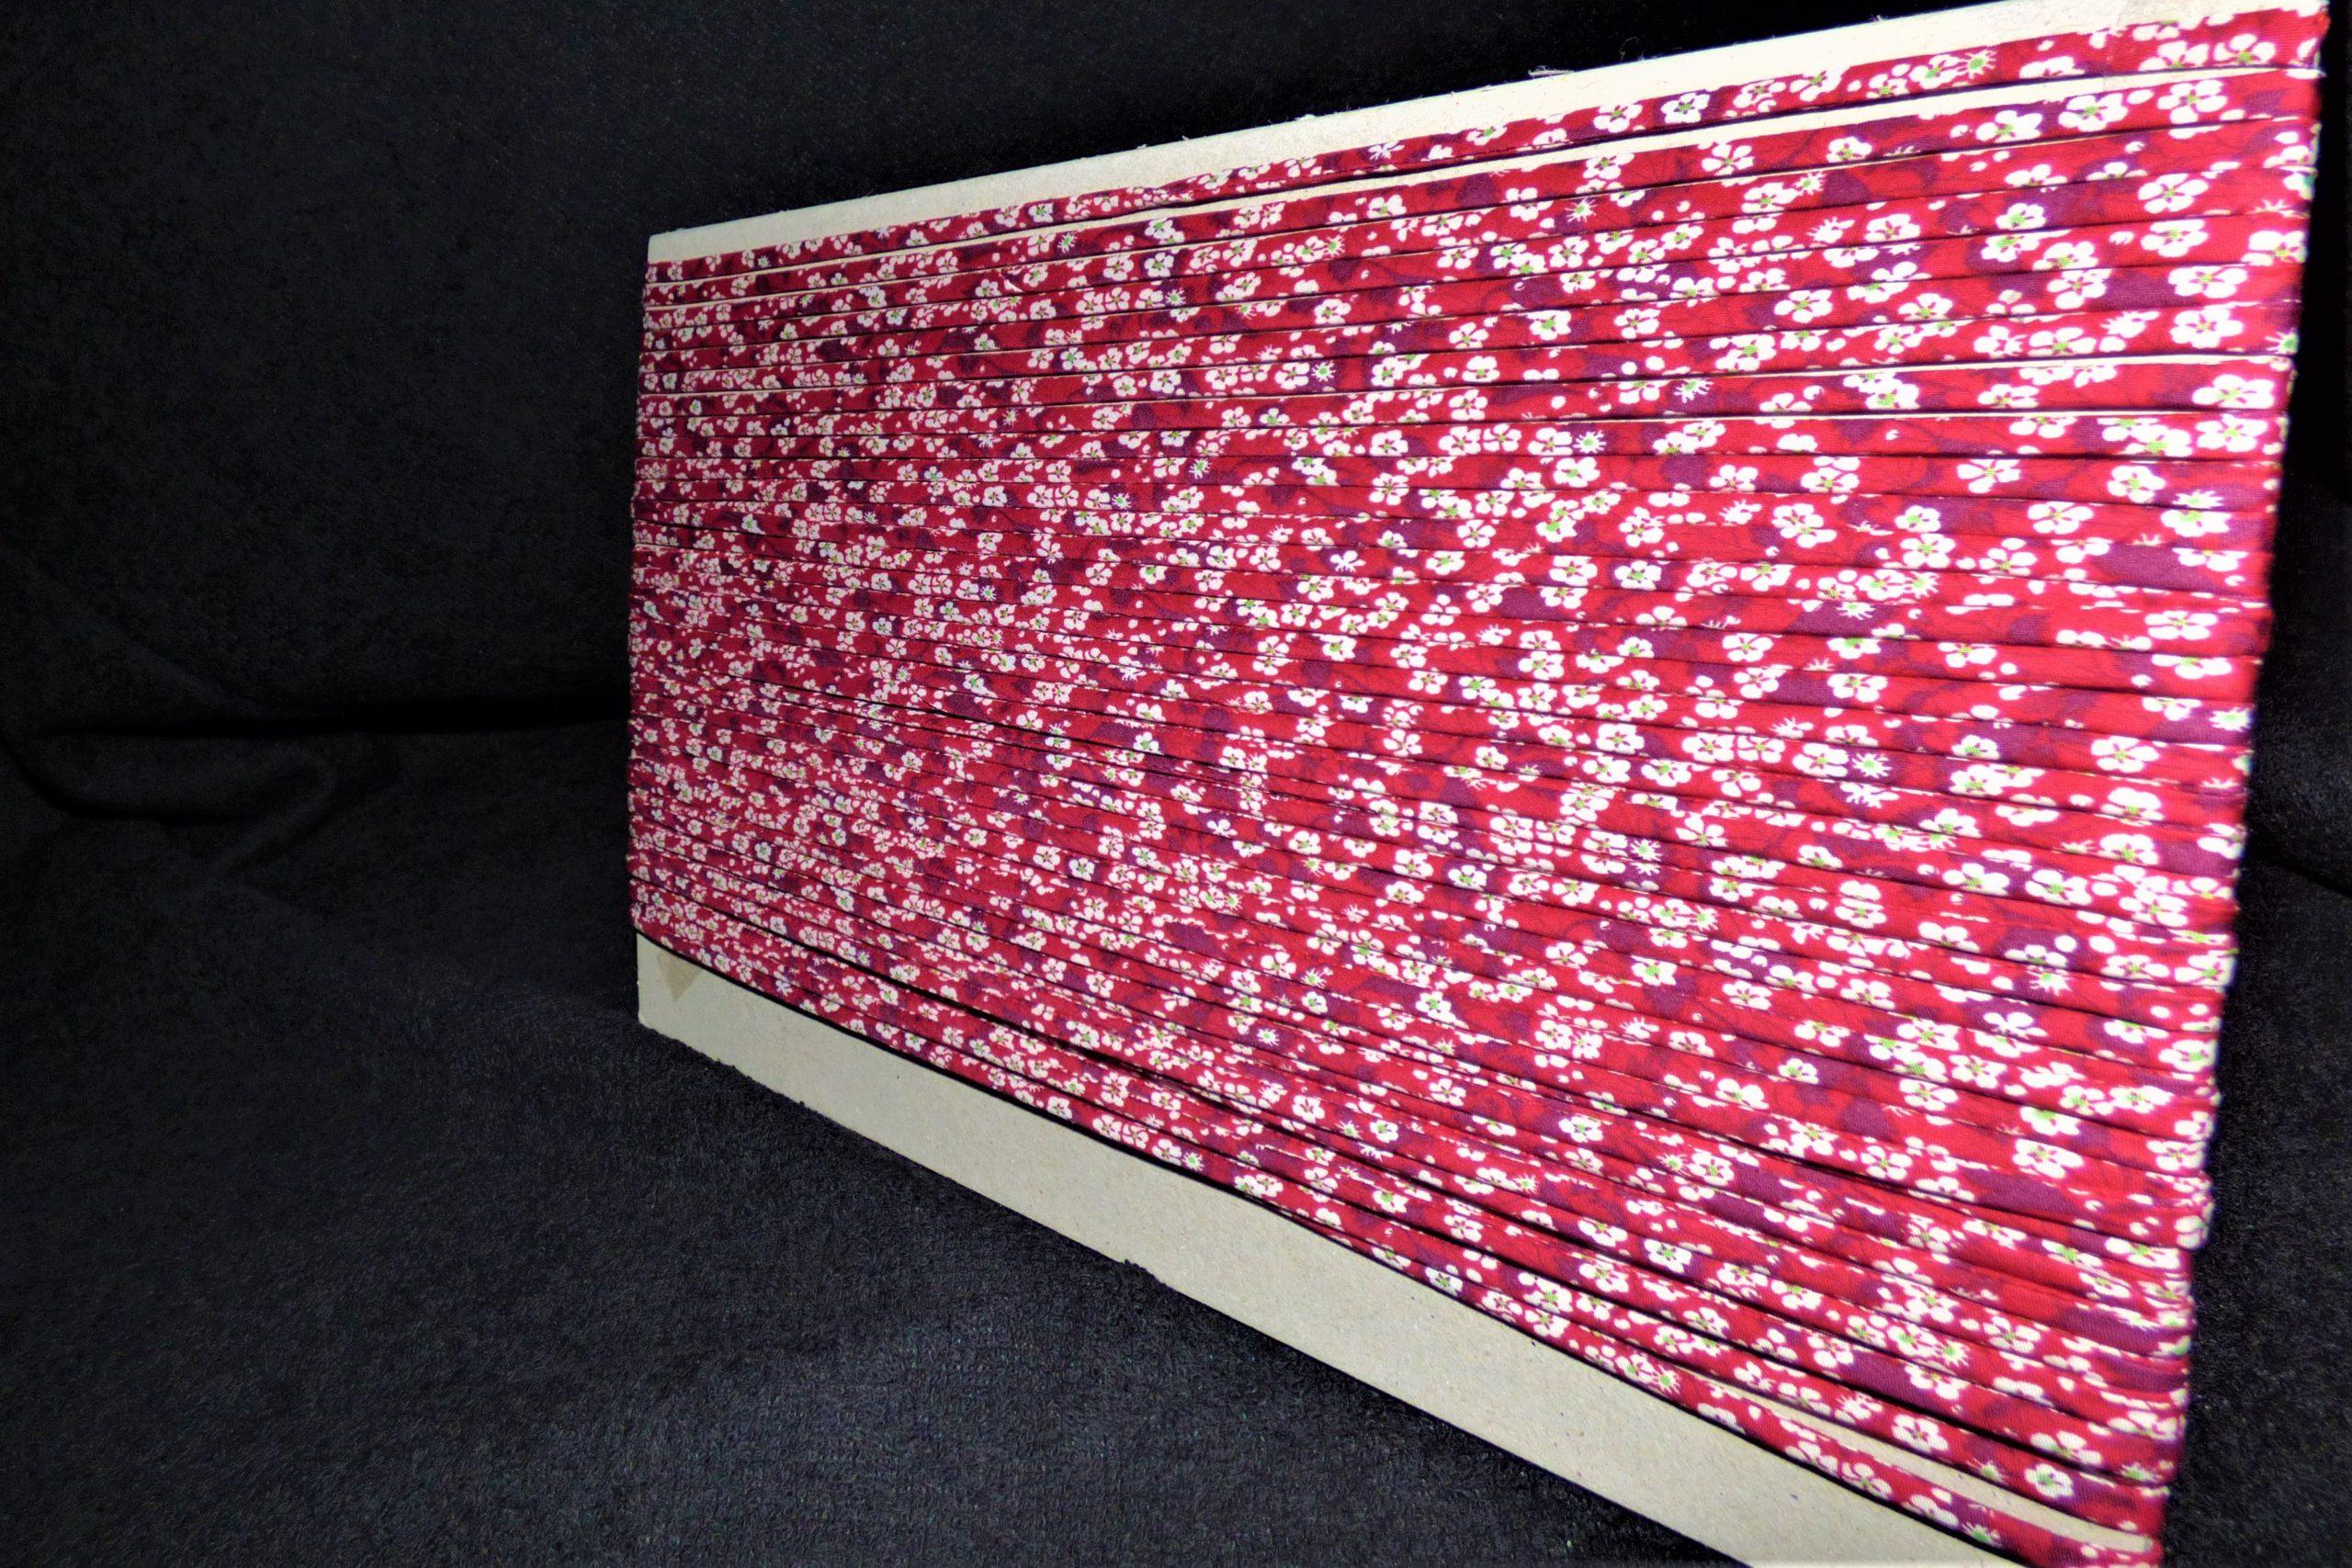 rouge a fleur (2)